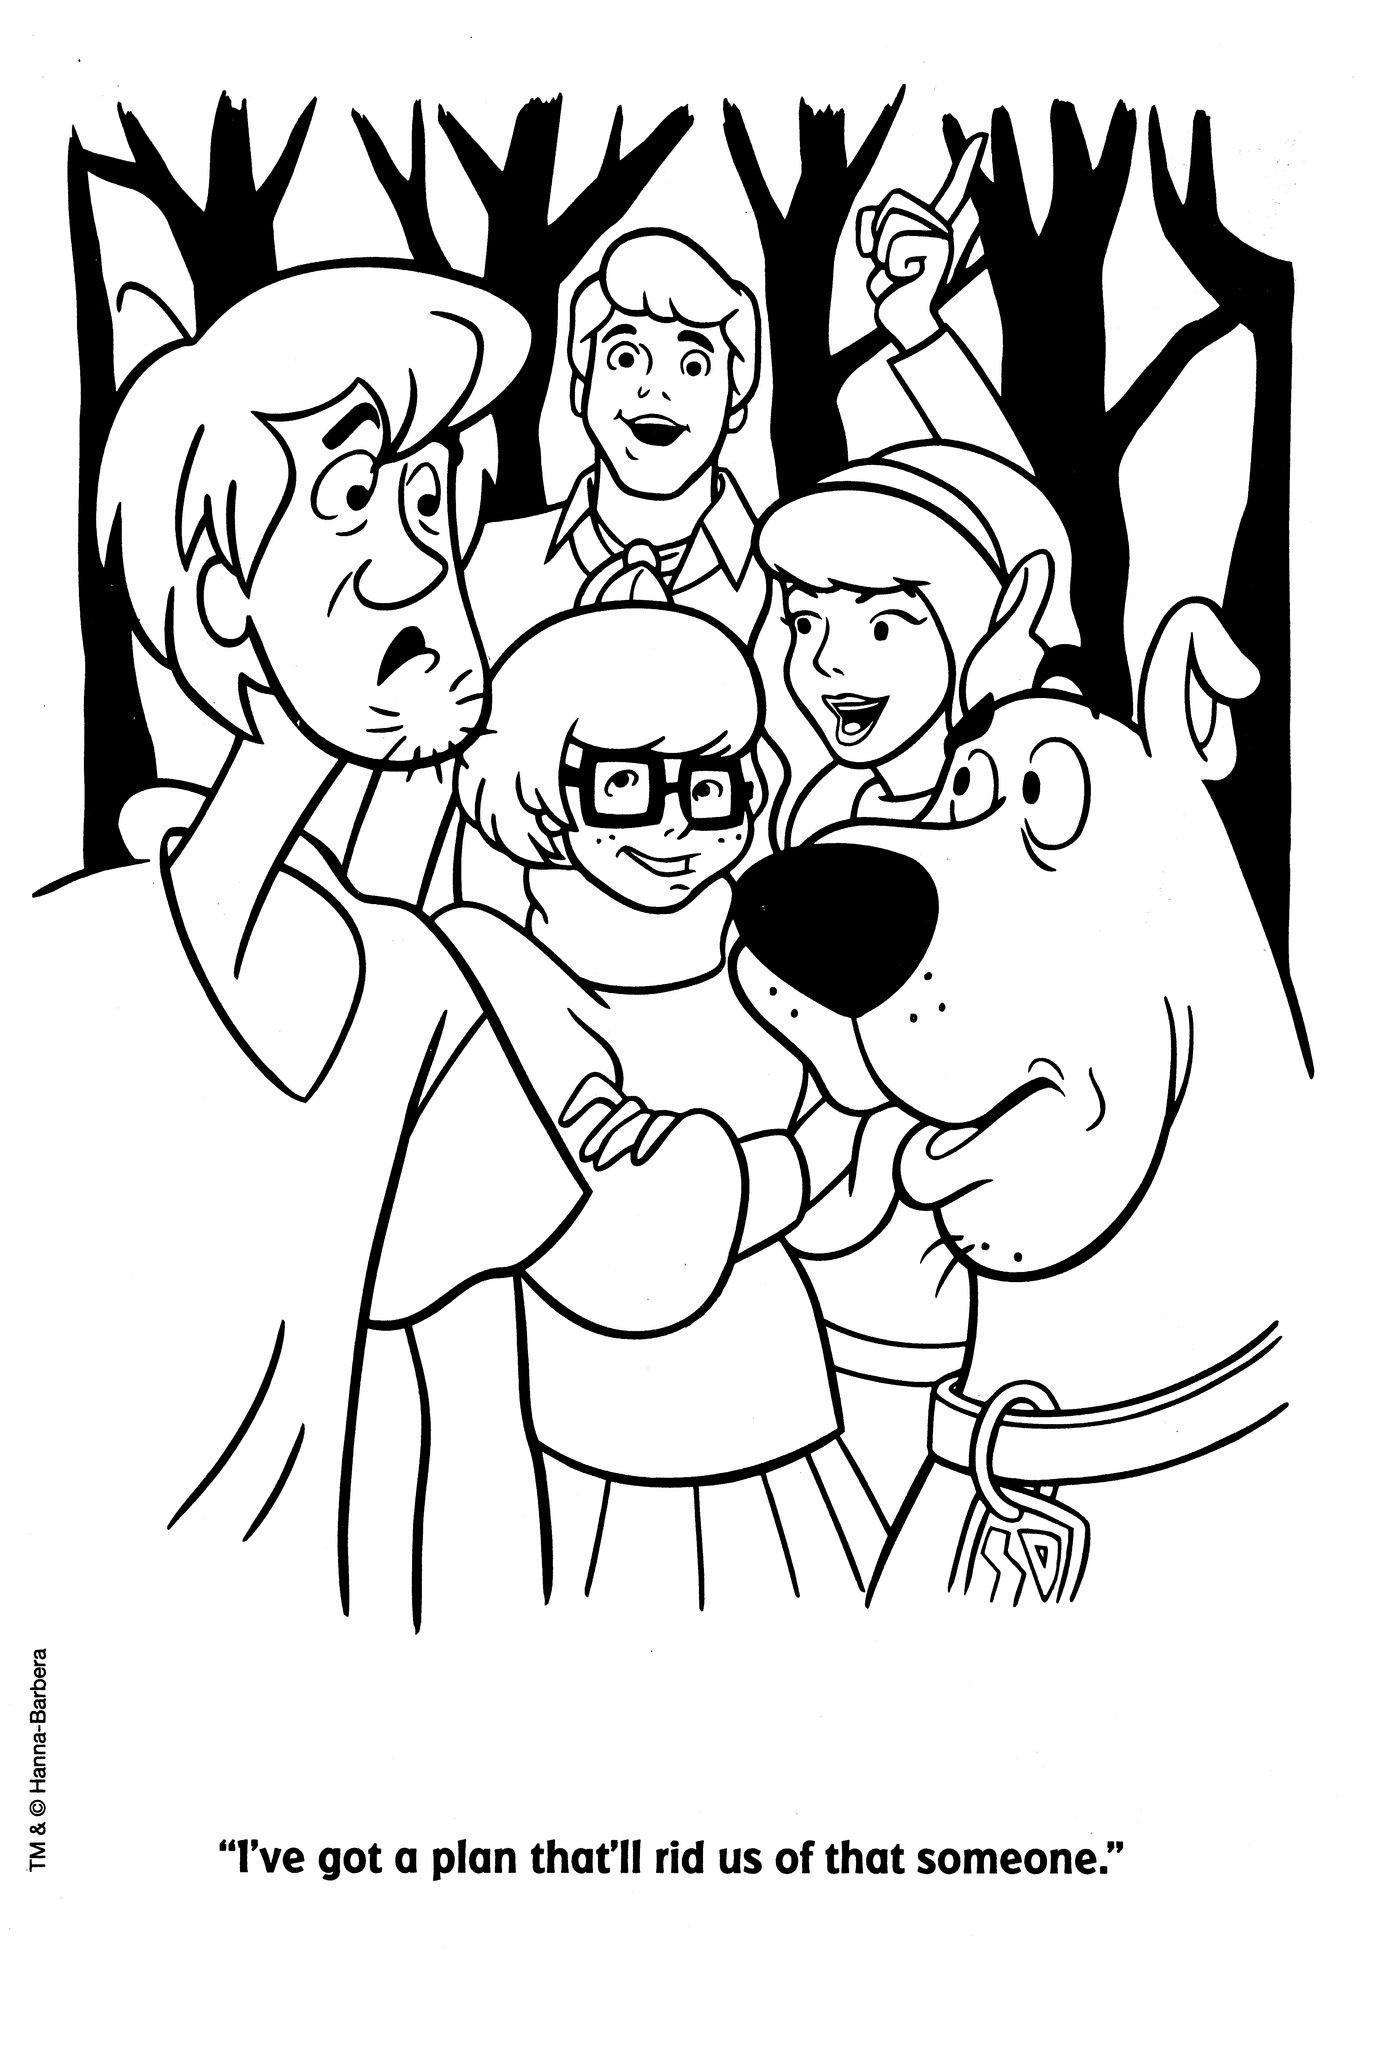 Scooby Doo - (30) | Plantas y Dibujo